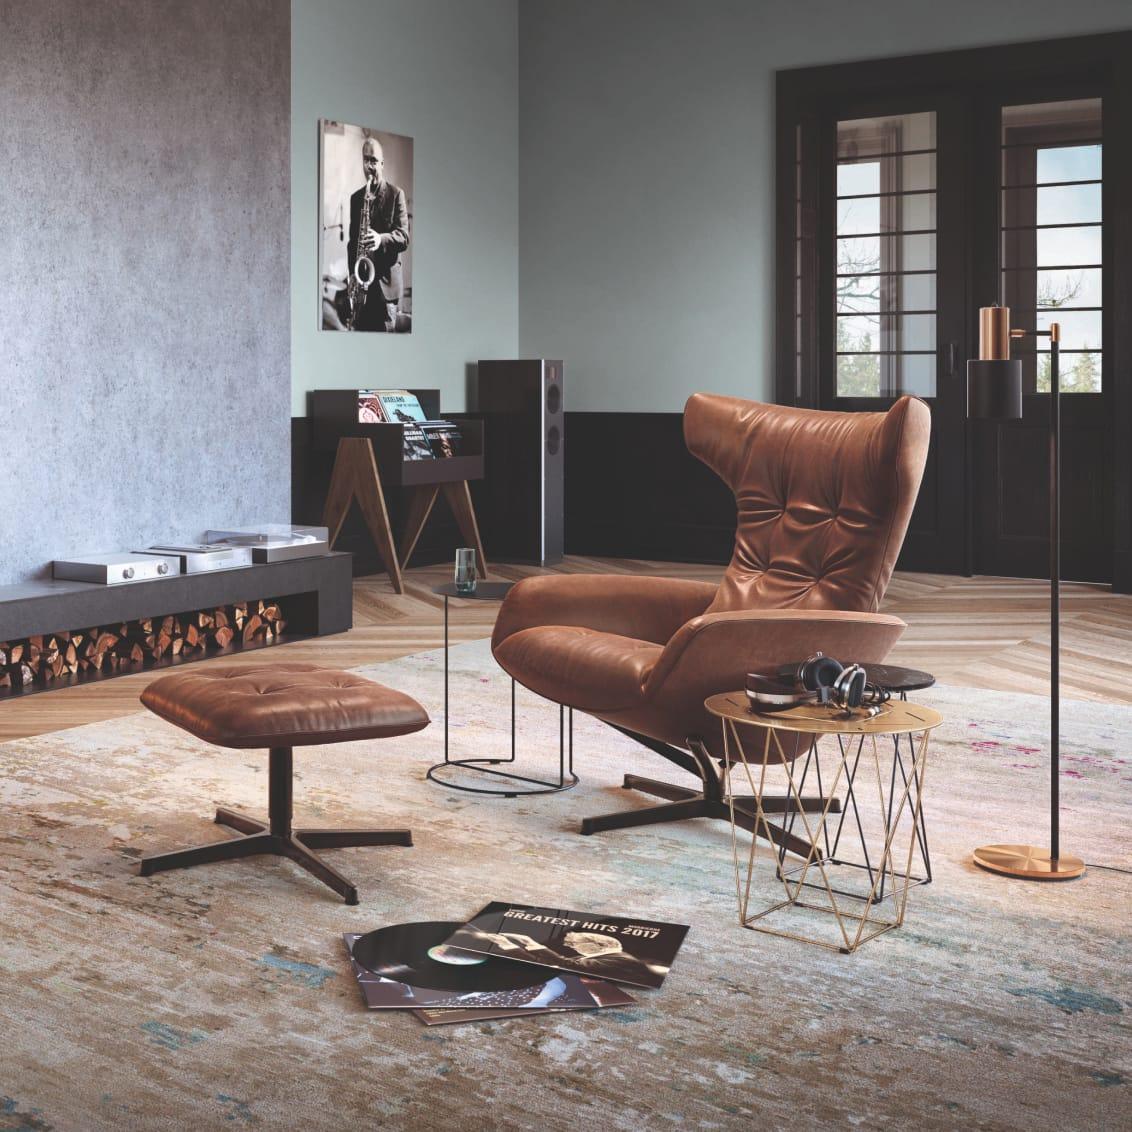 Onsa Chair. Design: Mauro Lipparini.